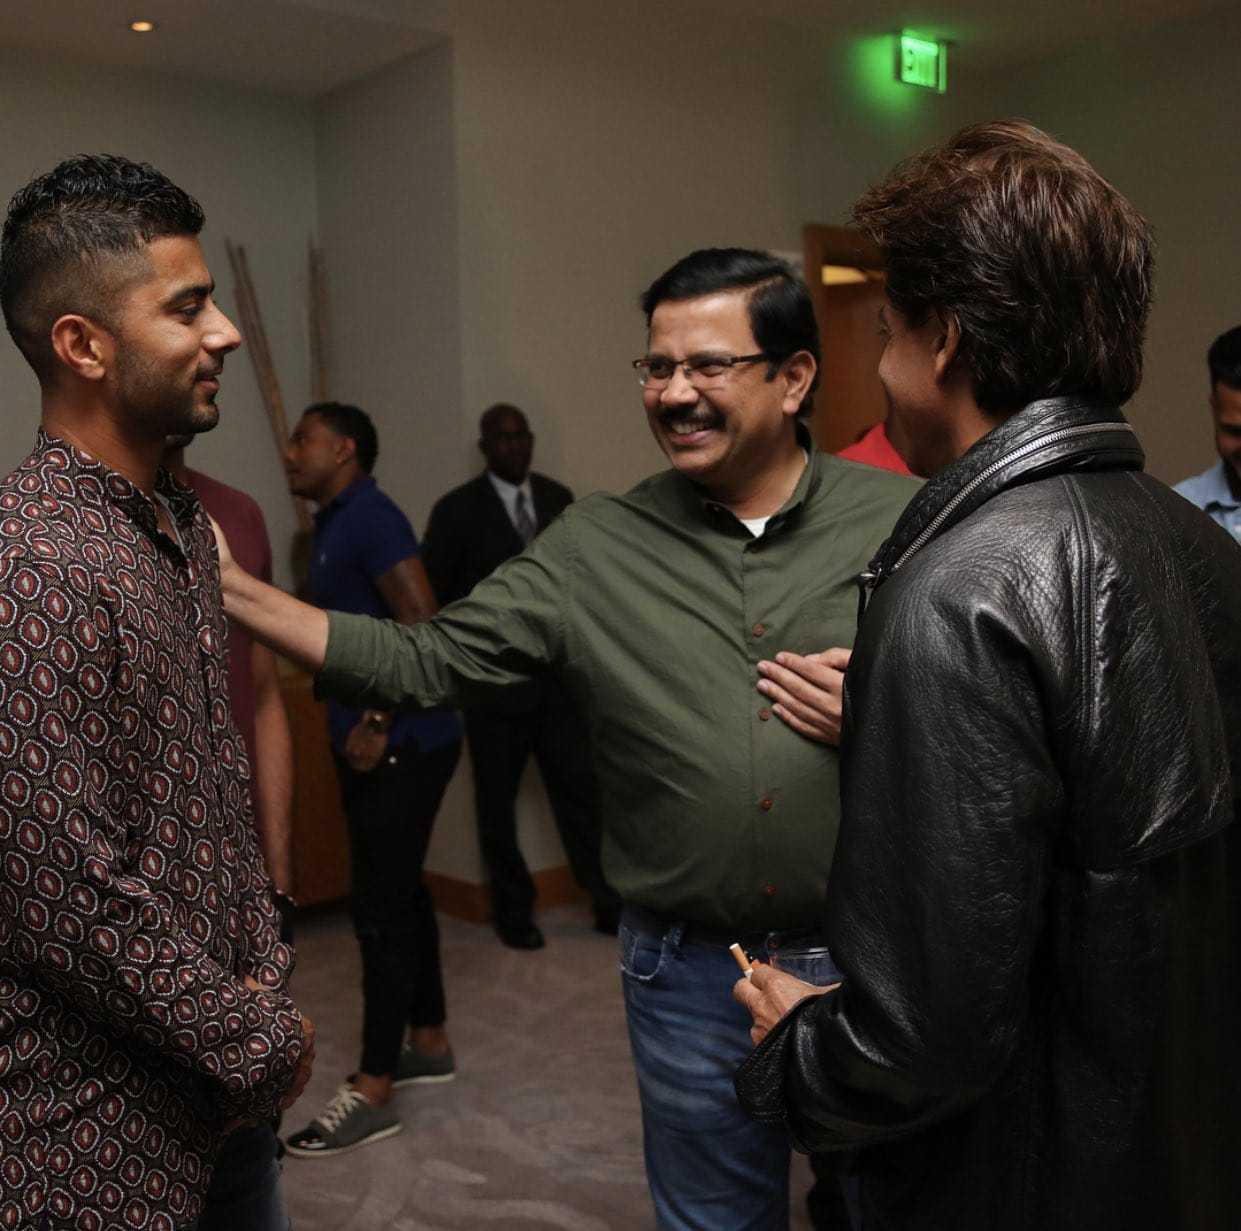 शाहरुख खान सीपीएल 2018 में अपनी टीम को सपोर्ट करने त्रिनिदाद और टोबैगो पहुंचे